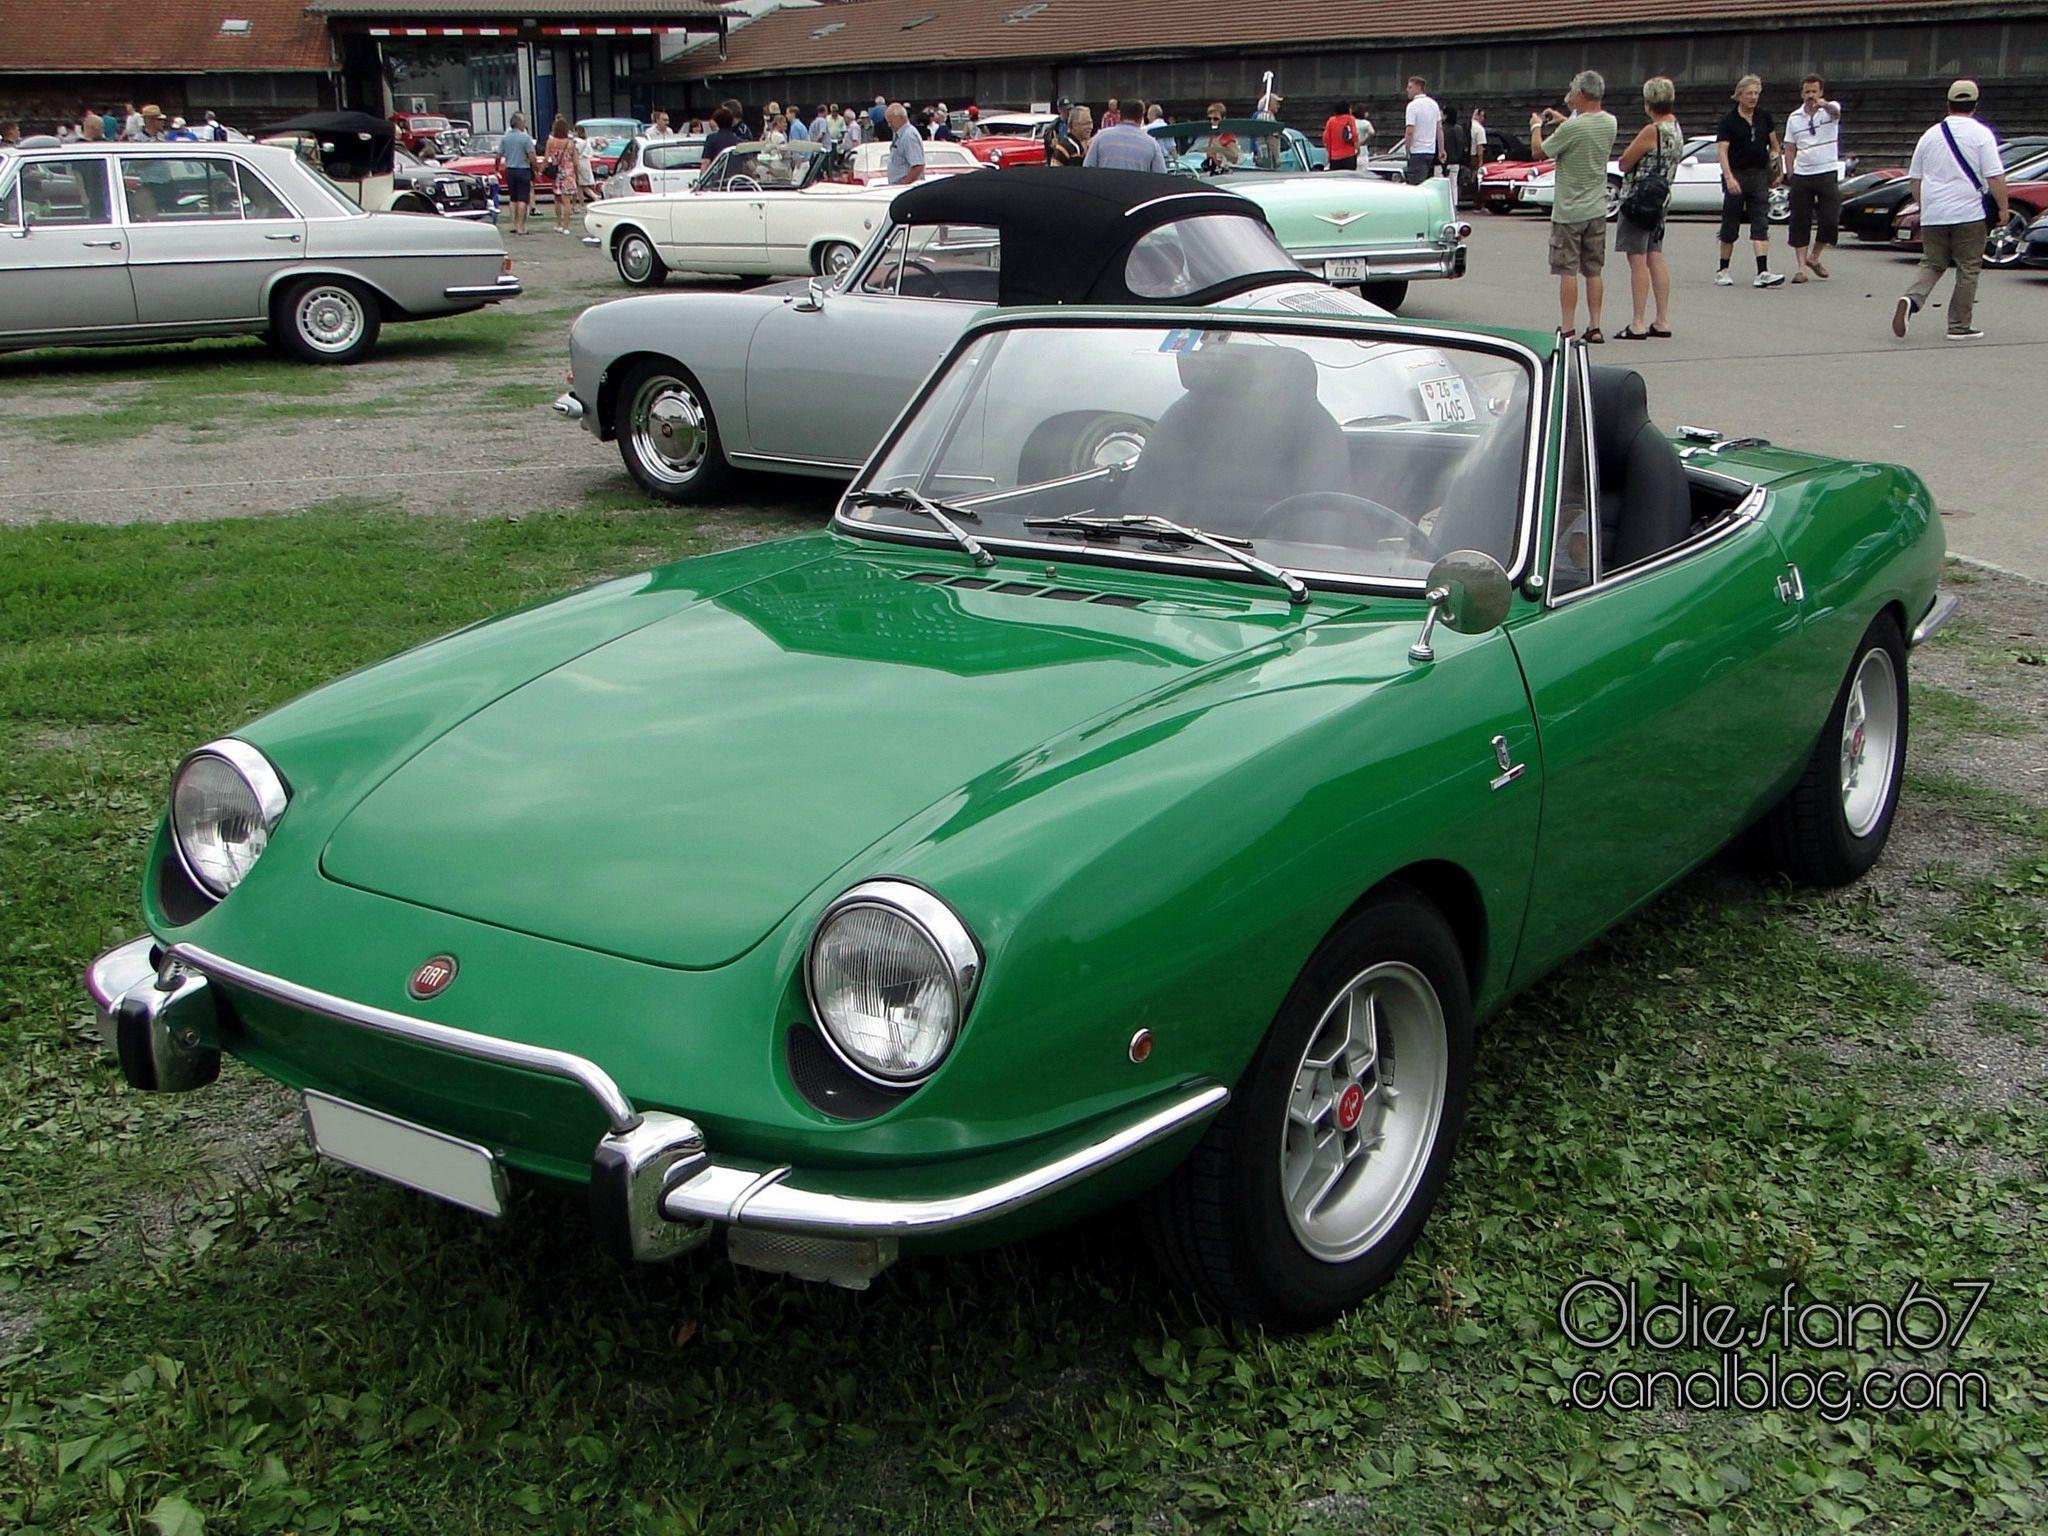 Fiat 850 Sport Spider 1968 Vehicles Pinterest